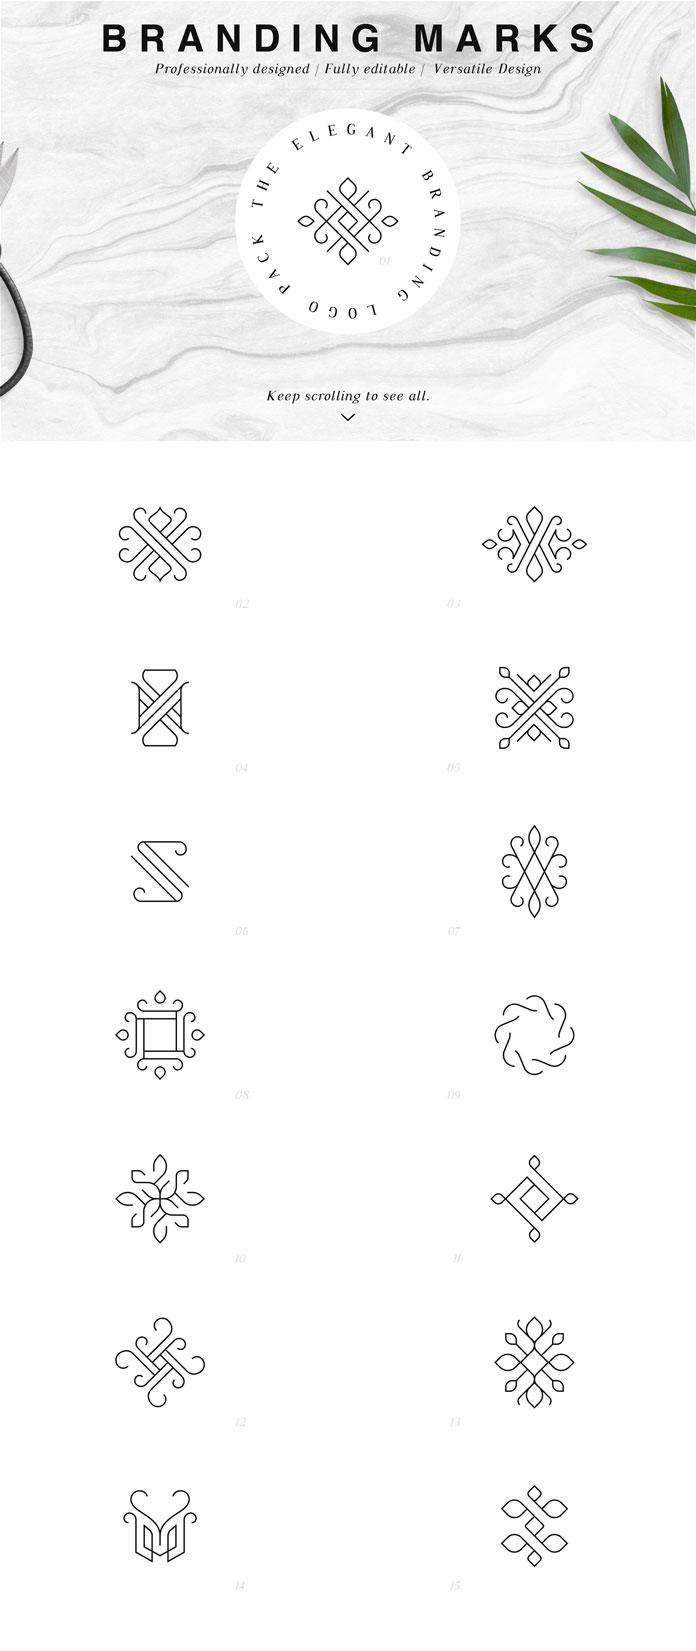 Branding marks.